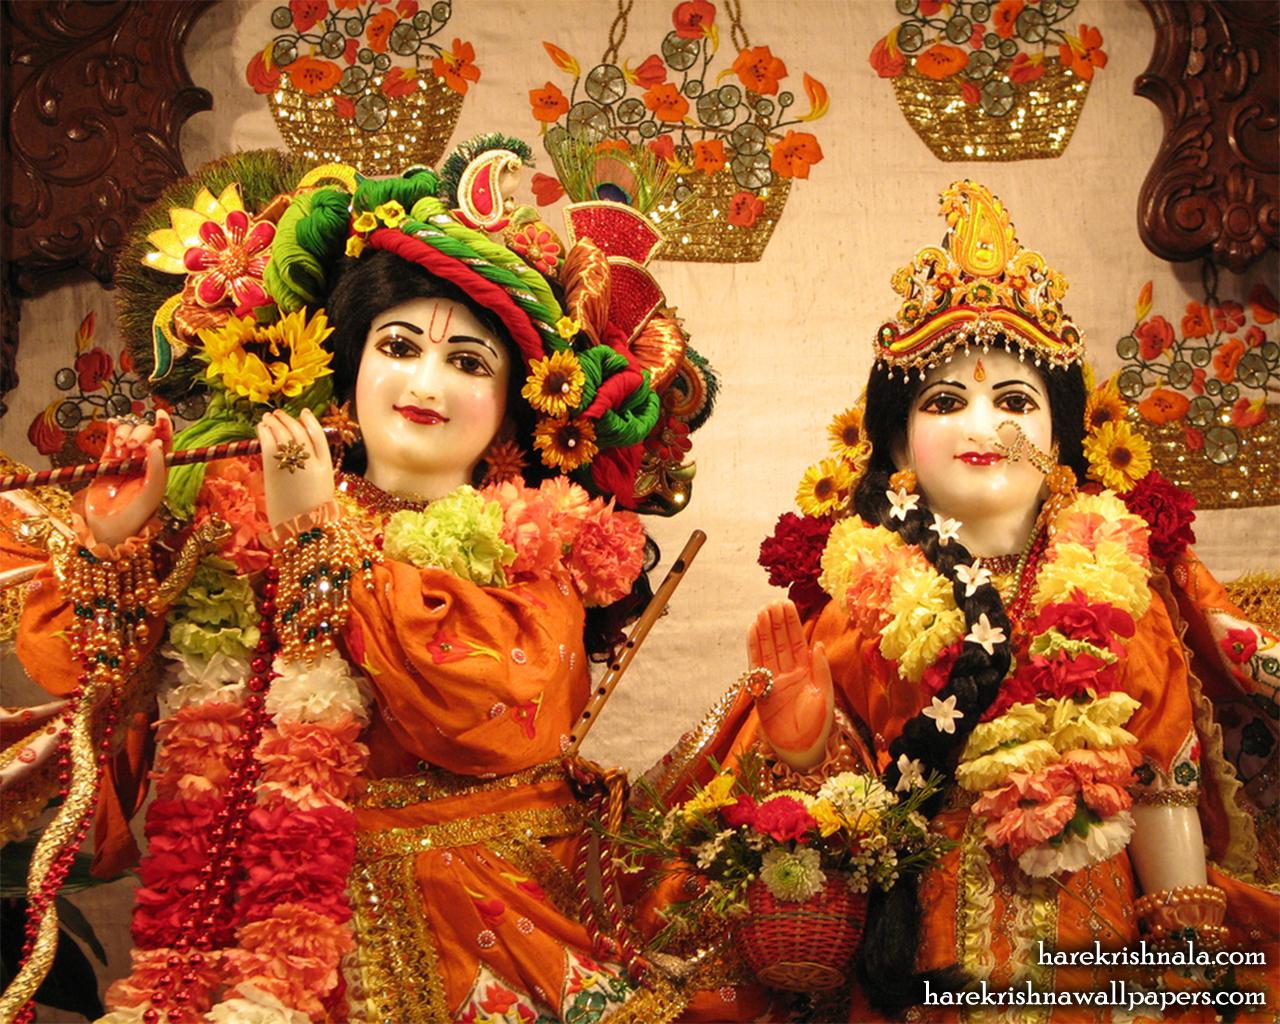 Sri Sri Rukmini Dwarkadhish Close up Wallpaper (002) Size 1280x1024 Download